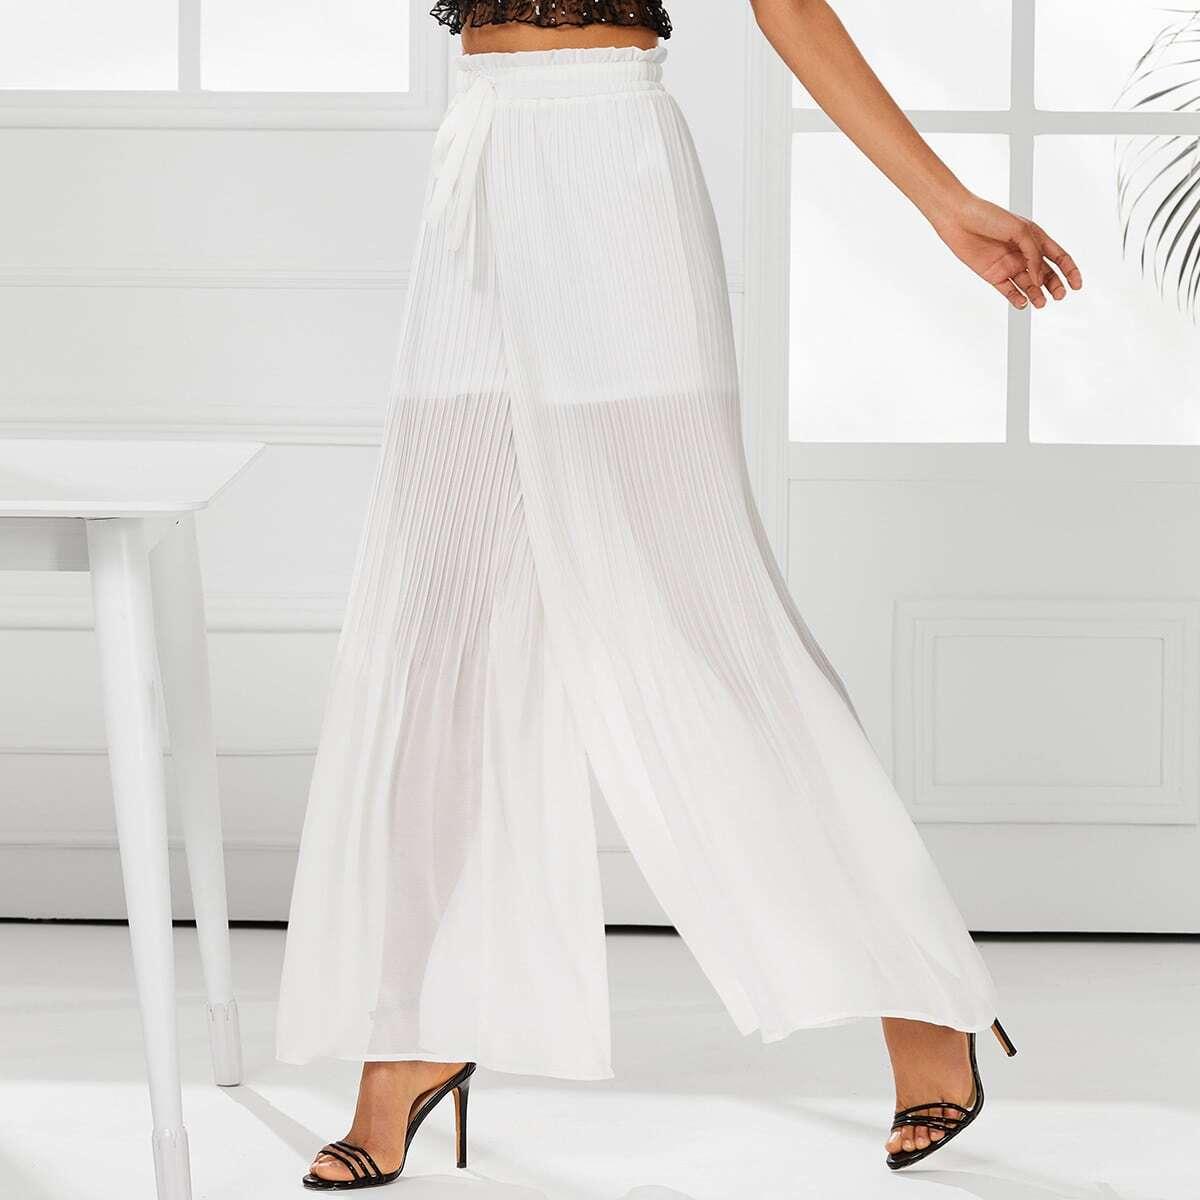 SHEIN / Hosen mit Falten um die Taille, Plissee und weitem Beinschnitt